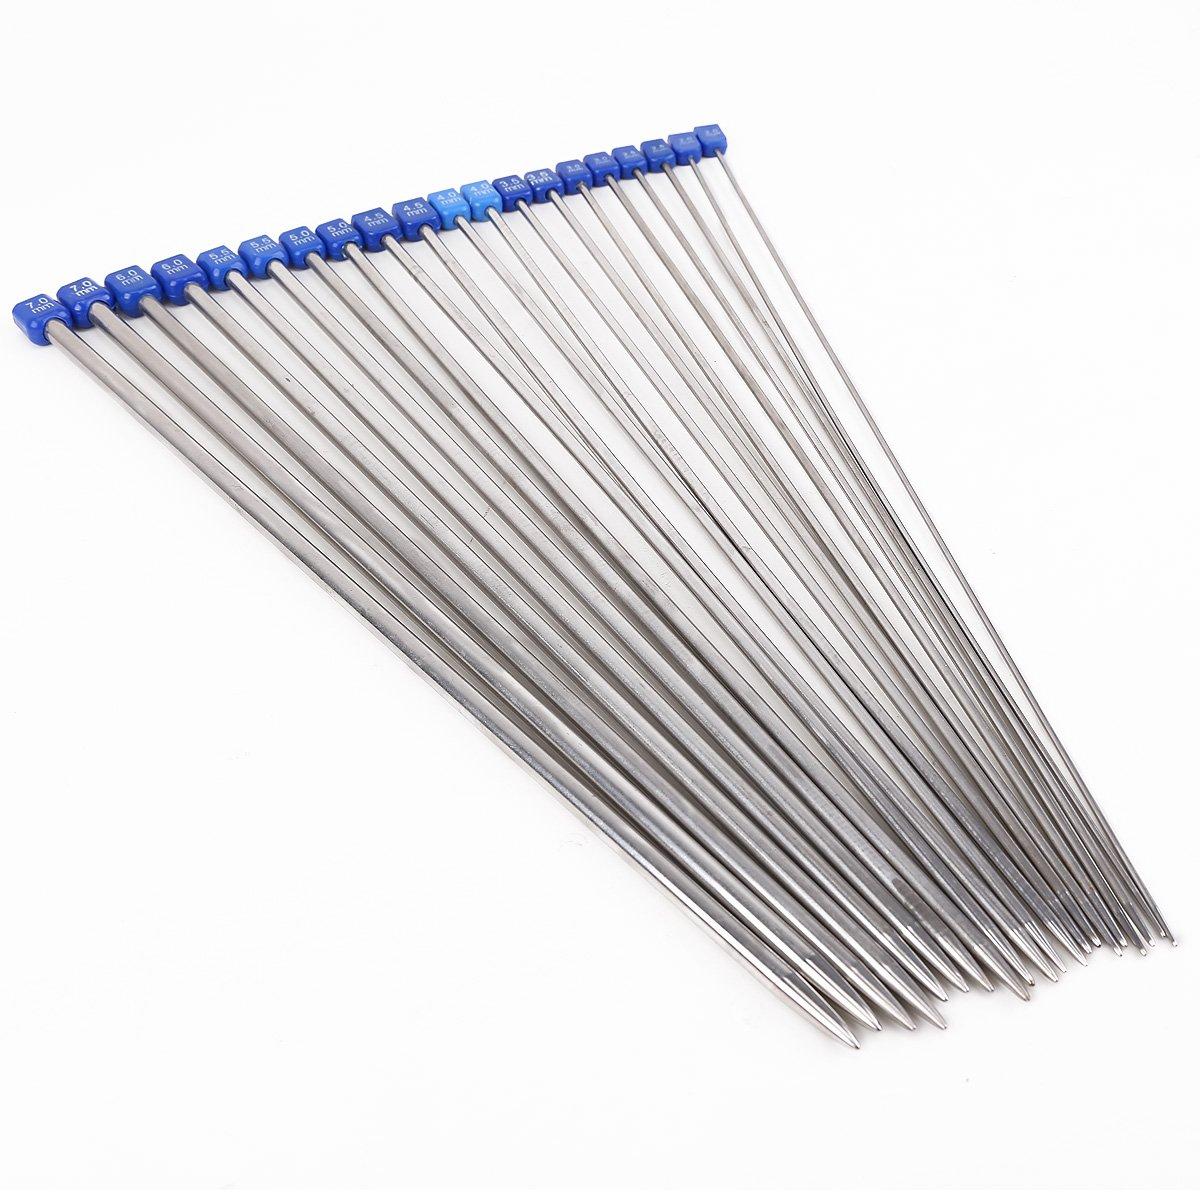 CLE DE TOUS@ Agujas de tejer de acero inoxidable 36cm de largo 10 size diferentes Surepromise